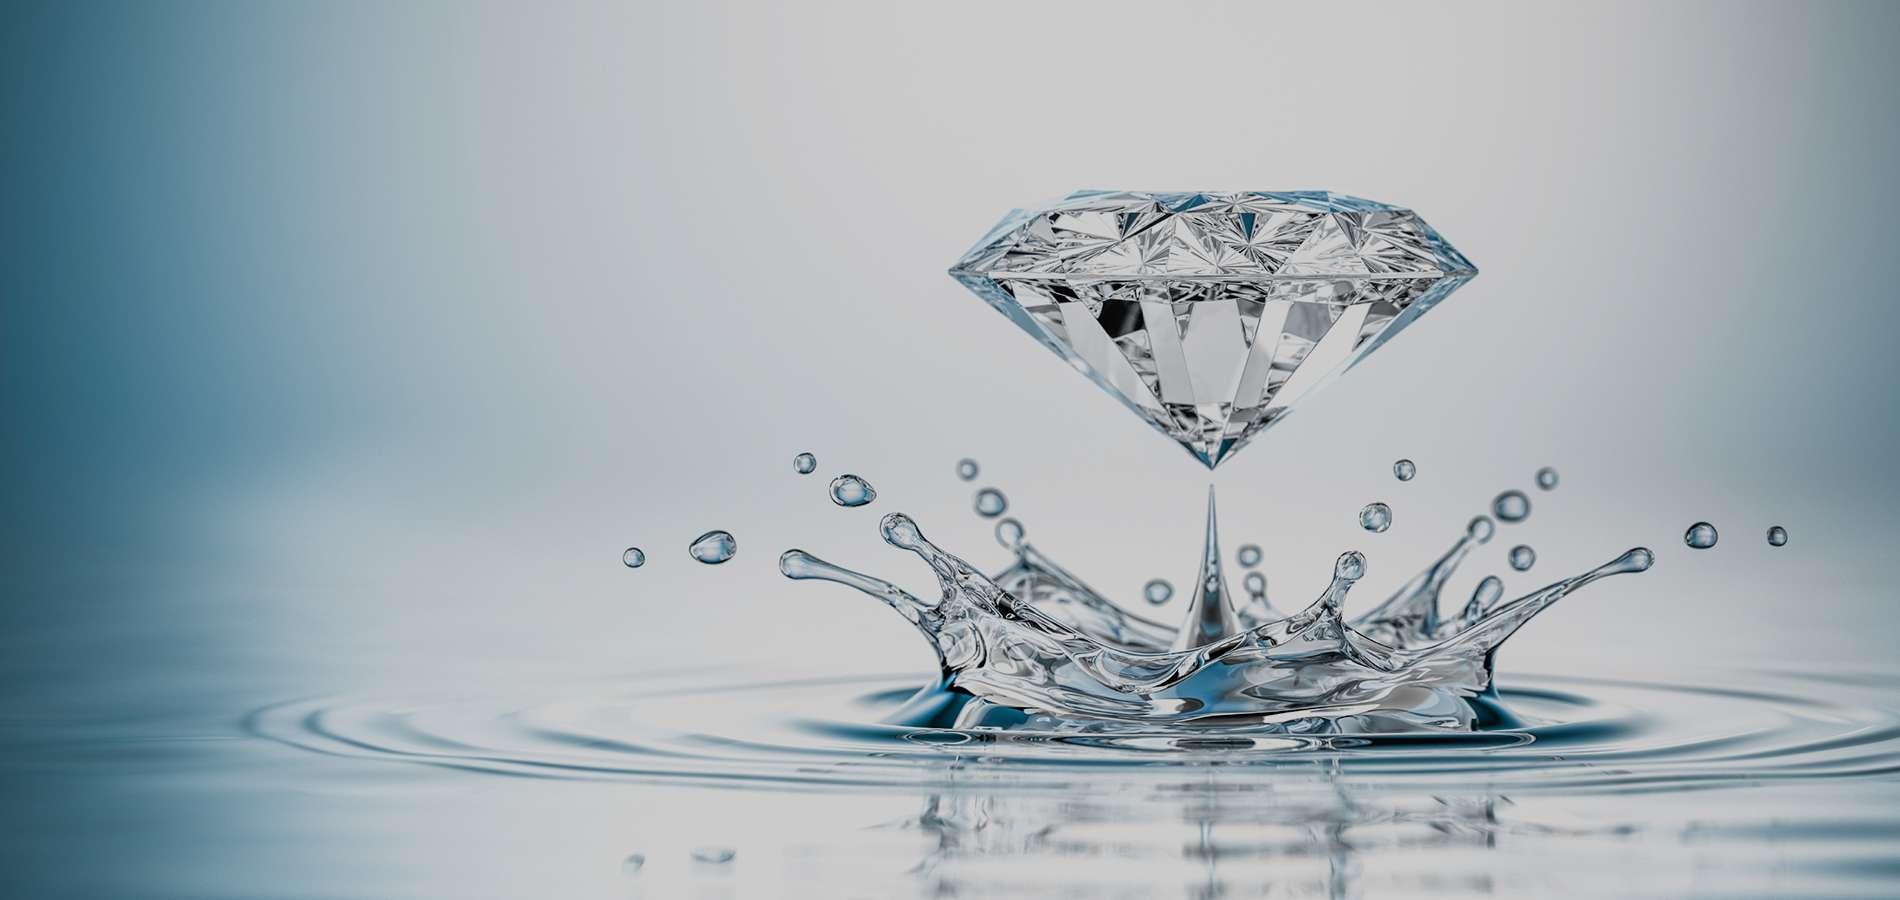 Hình ảnh nước và kim cương